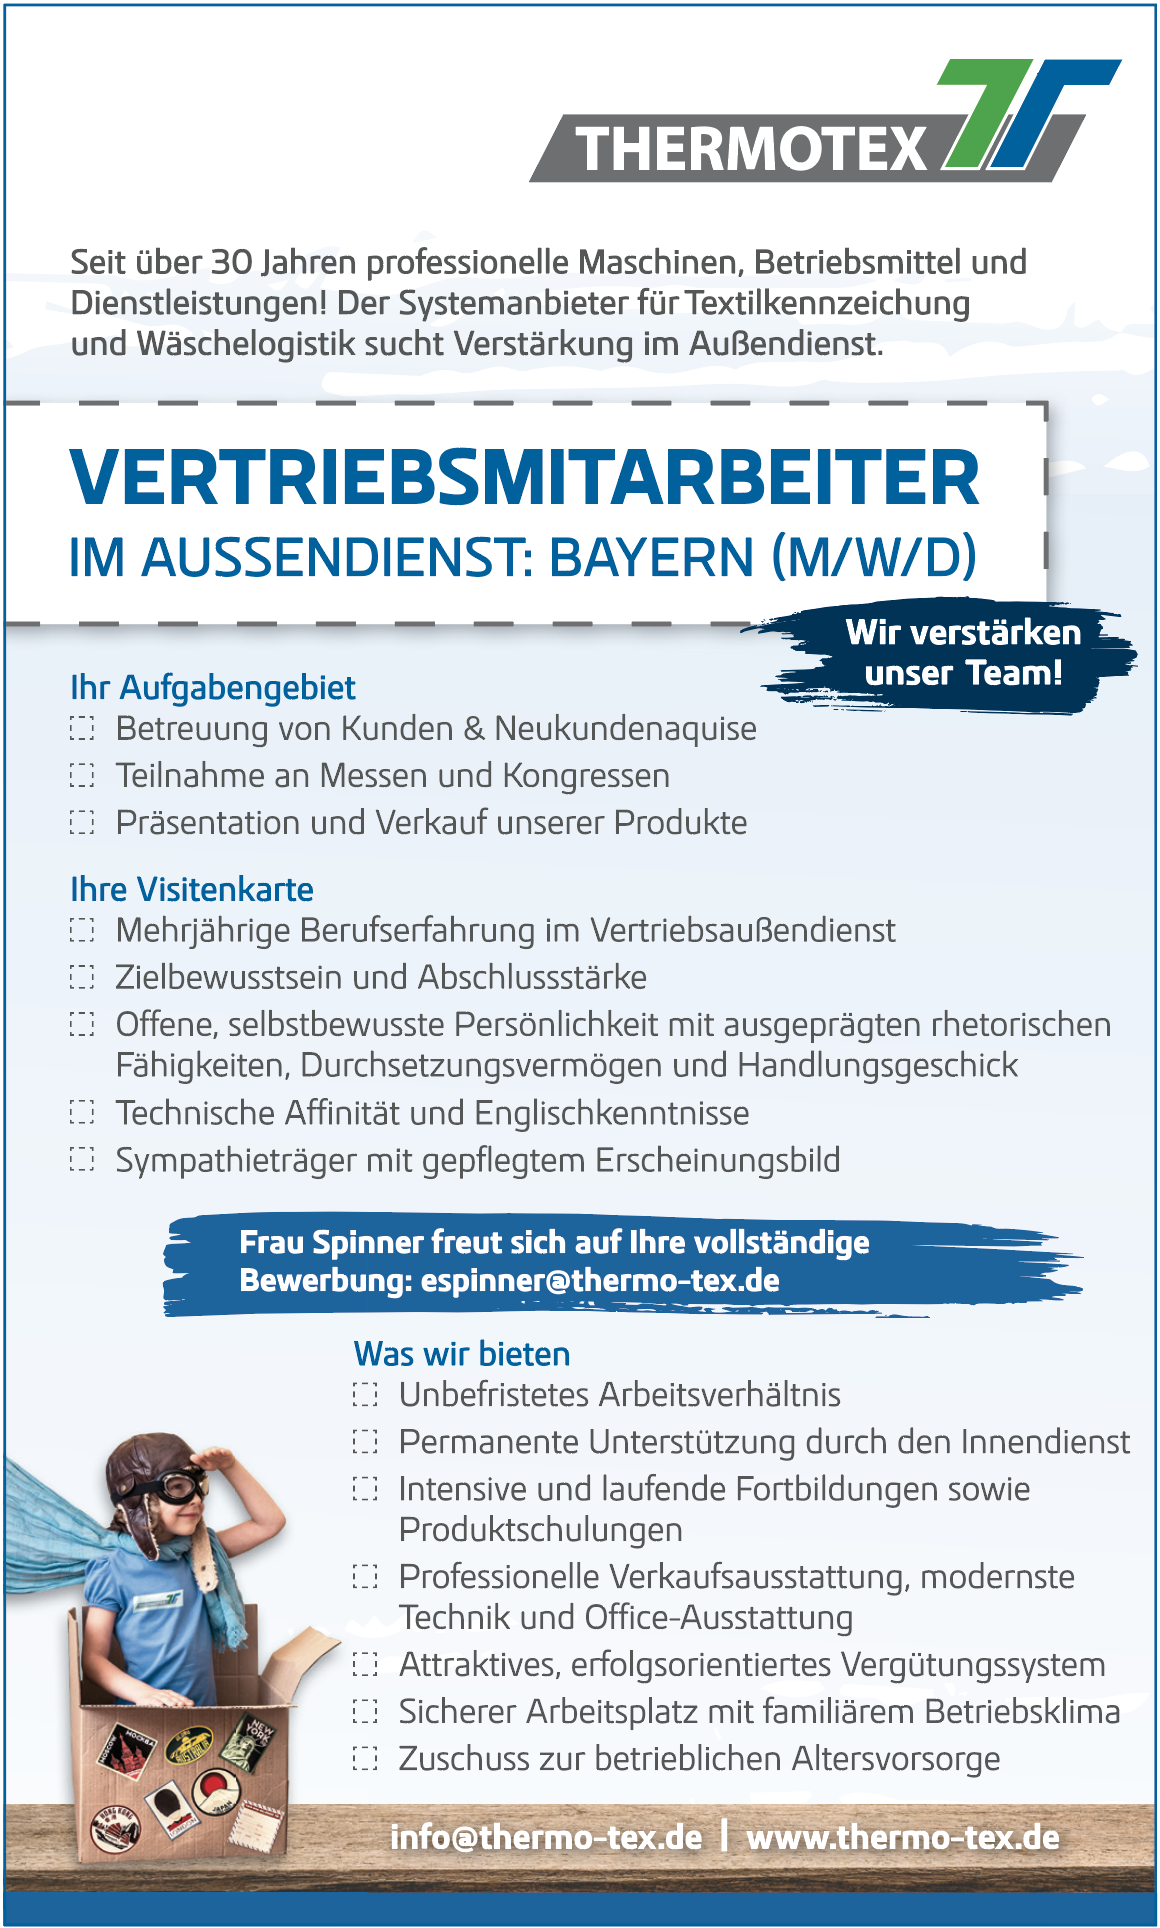 Vertriebsmitarbeiter im Aussendienst: Bayern (m/w/d)